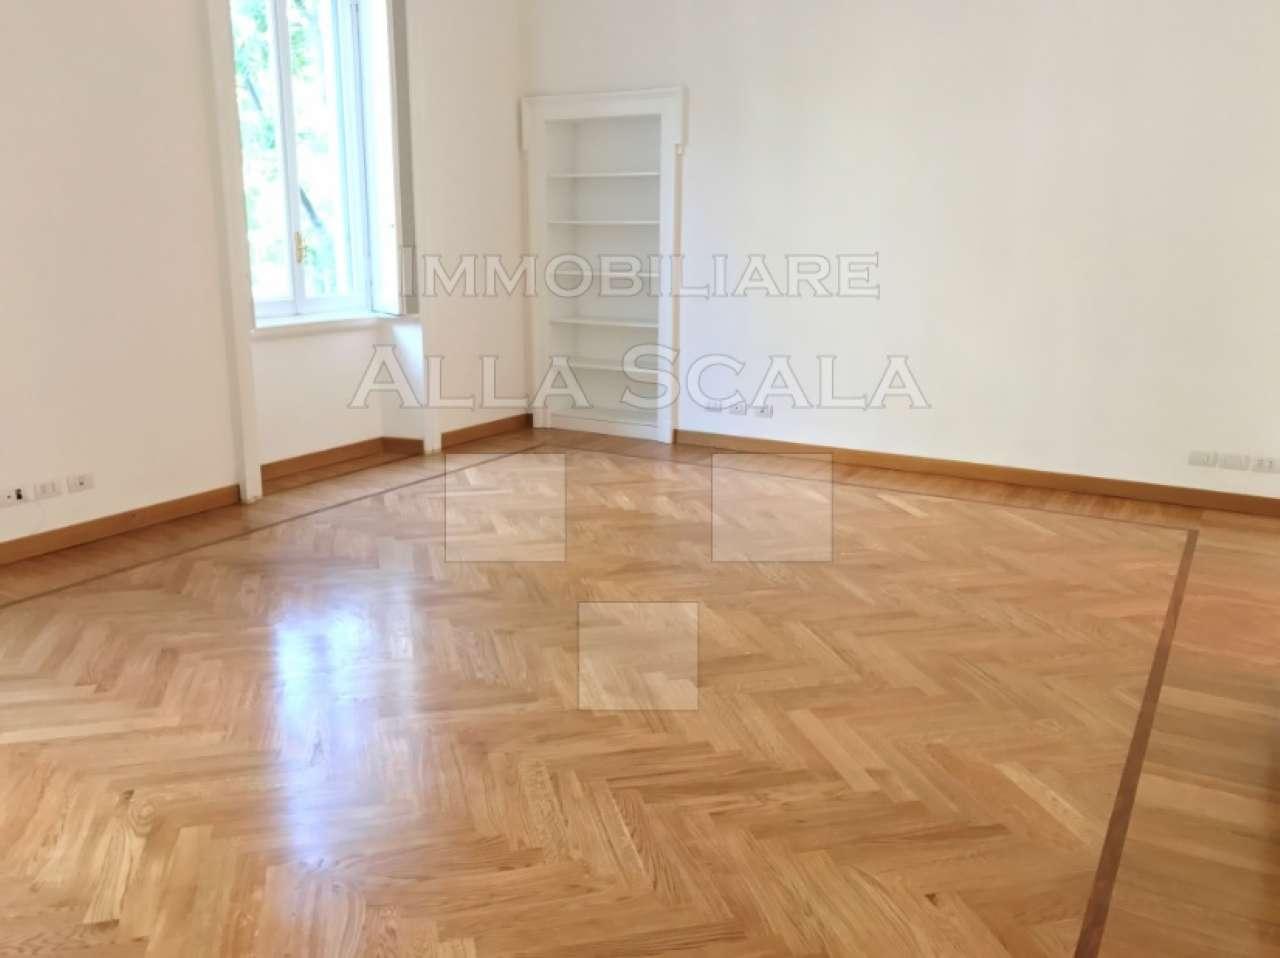 Appartamento in affitto a Milano, 3 locali, zona Zona: 1 . Centro Storico, Duomo, Brera, Cadorna, Cattolica, prezzo € 3.750 | CambioCasa.it